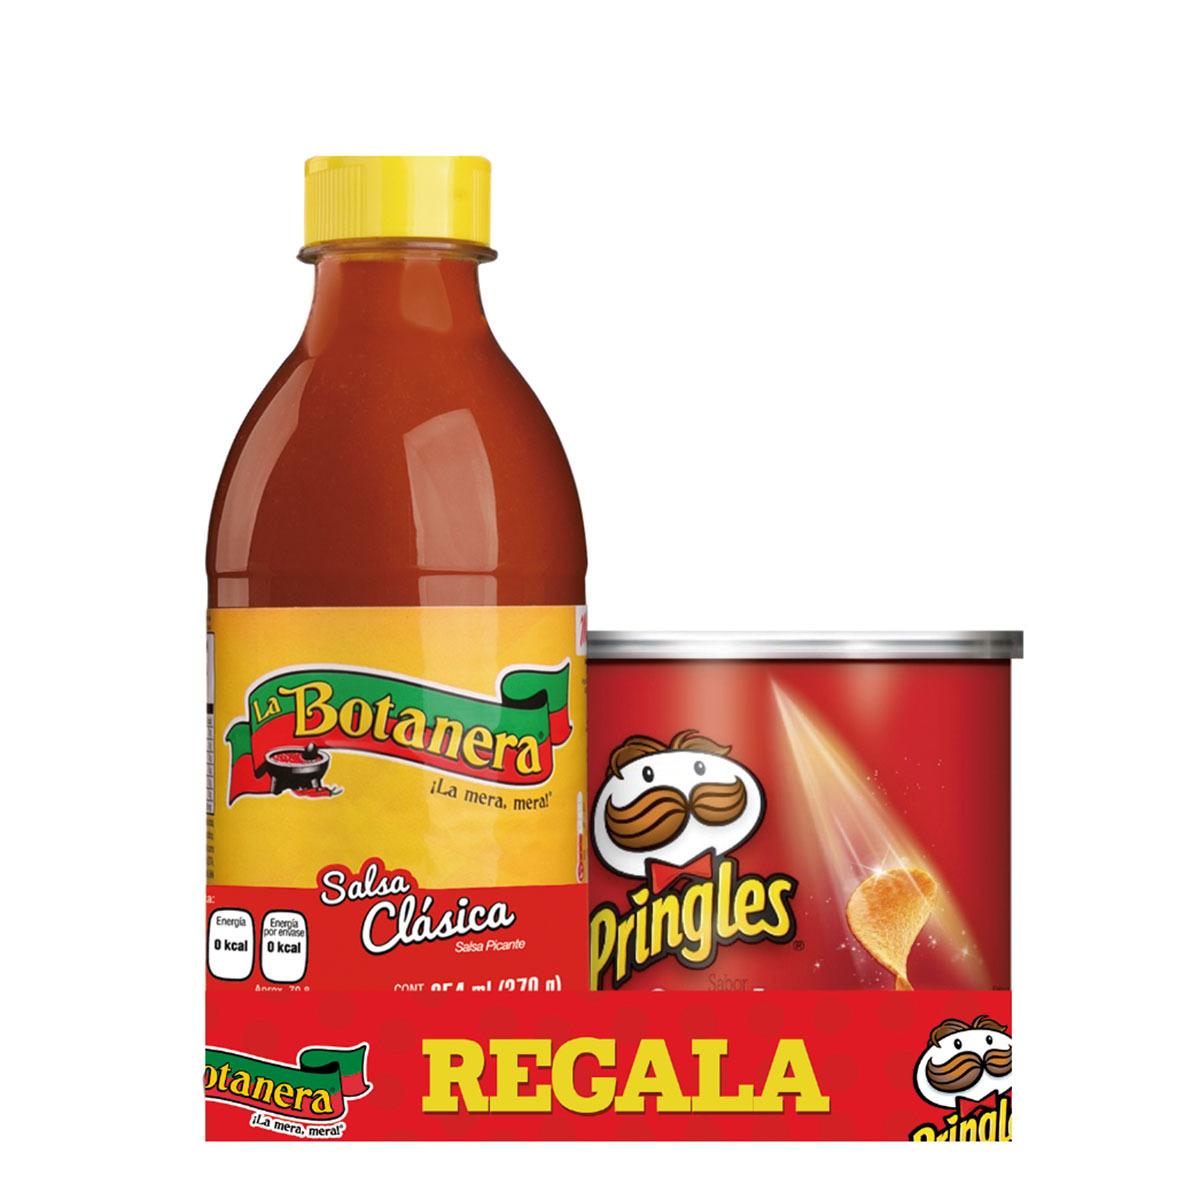 Chedraui en línea: Salsa La Botanera 370Gr + Pringles 40 G